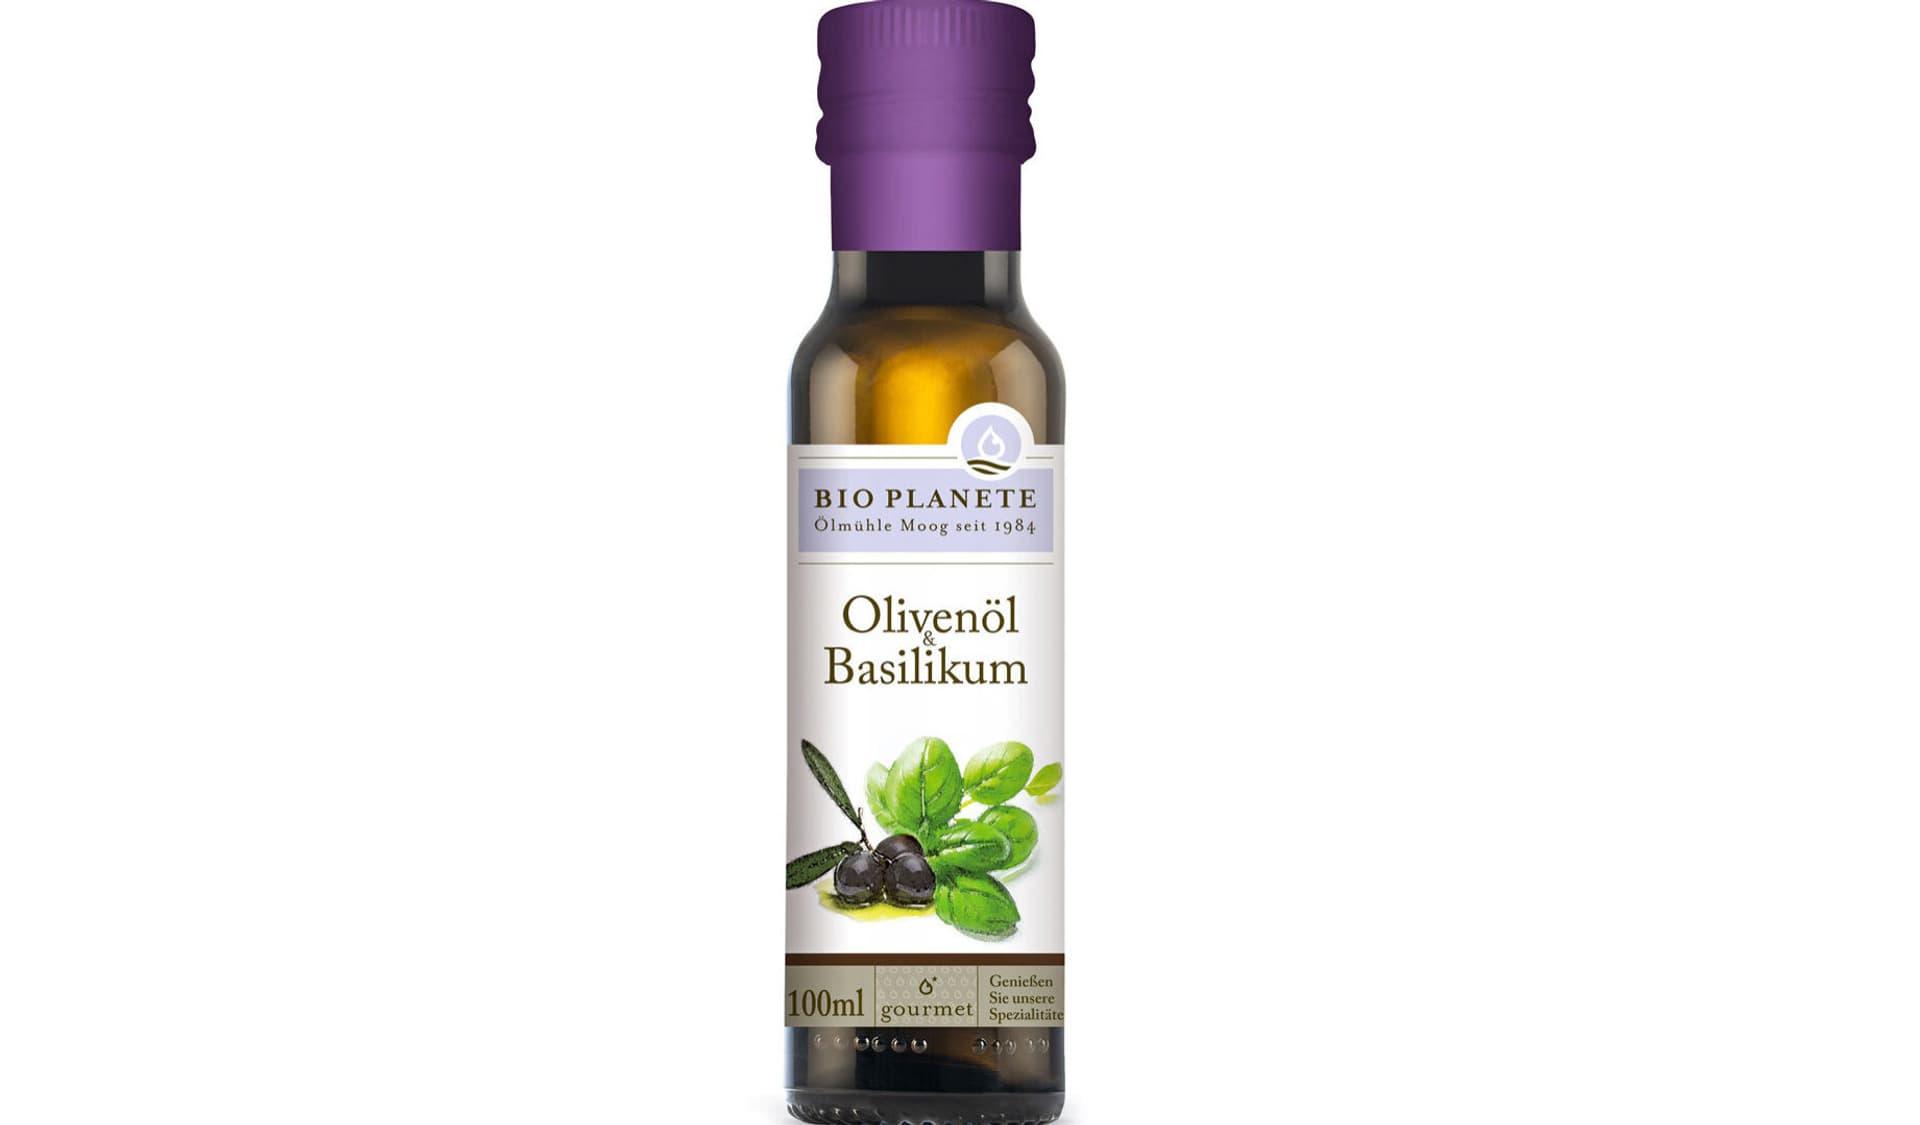 Olivenöl Basilikium Bio Planete